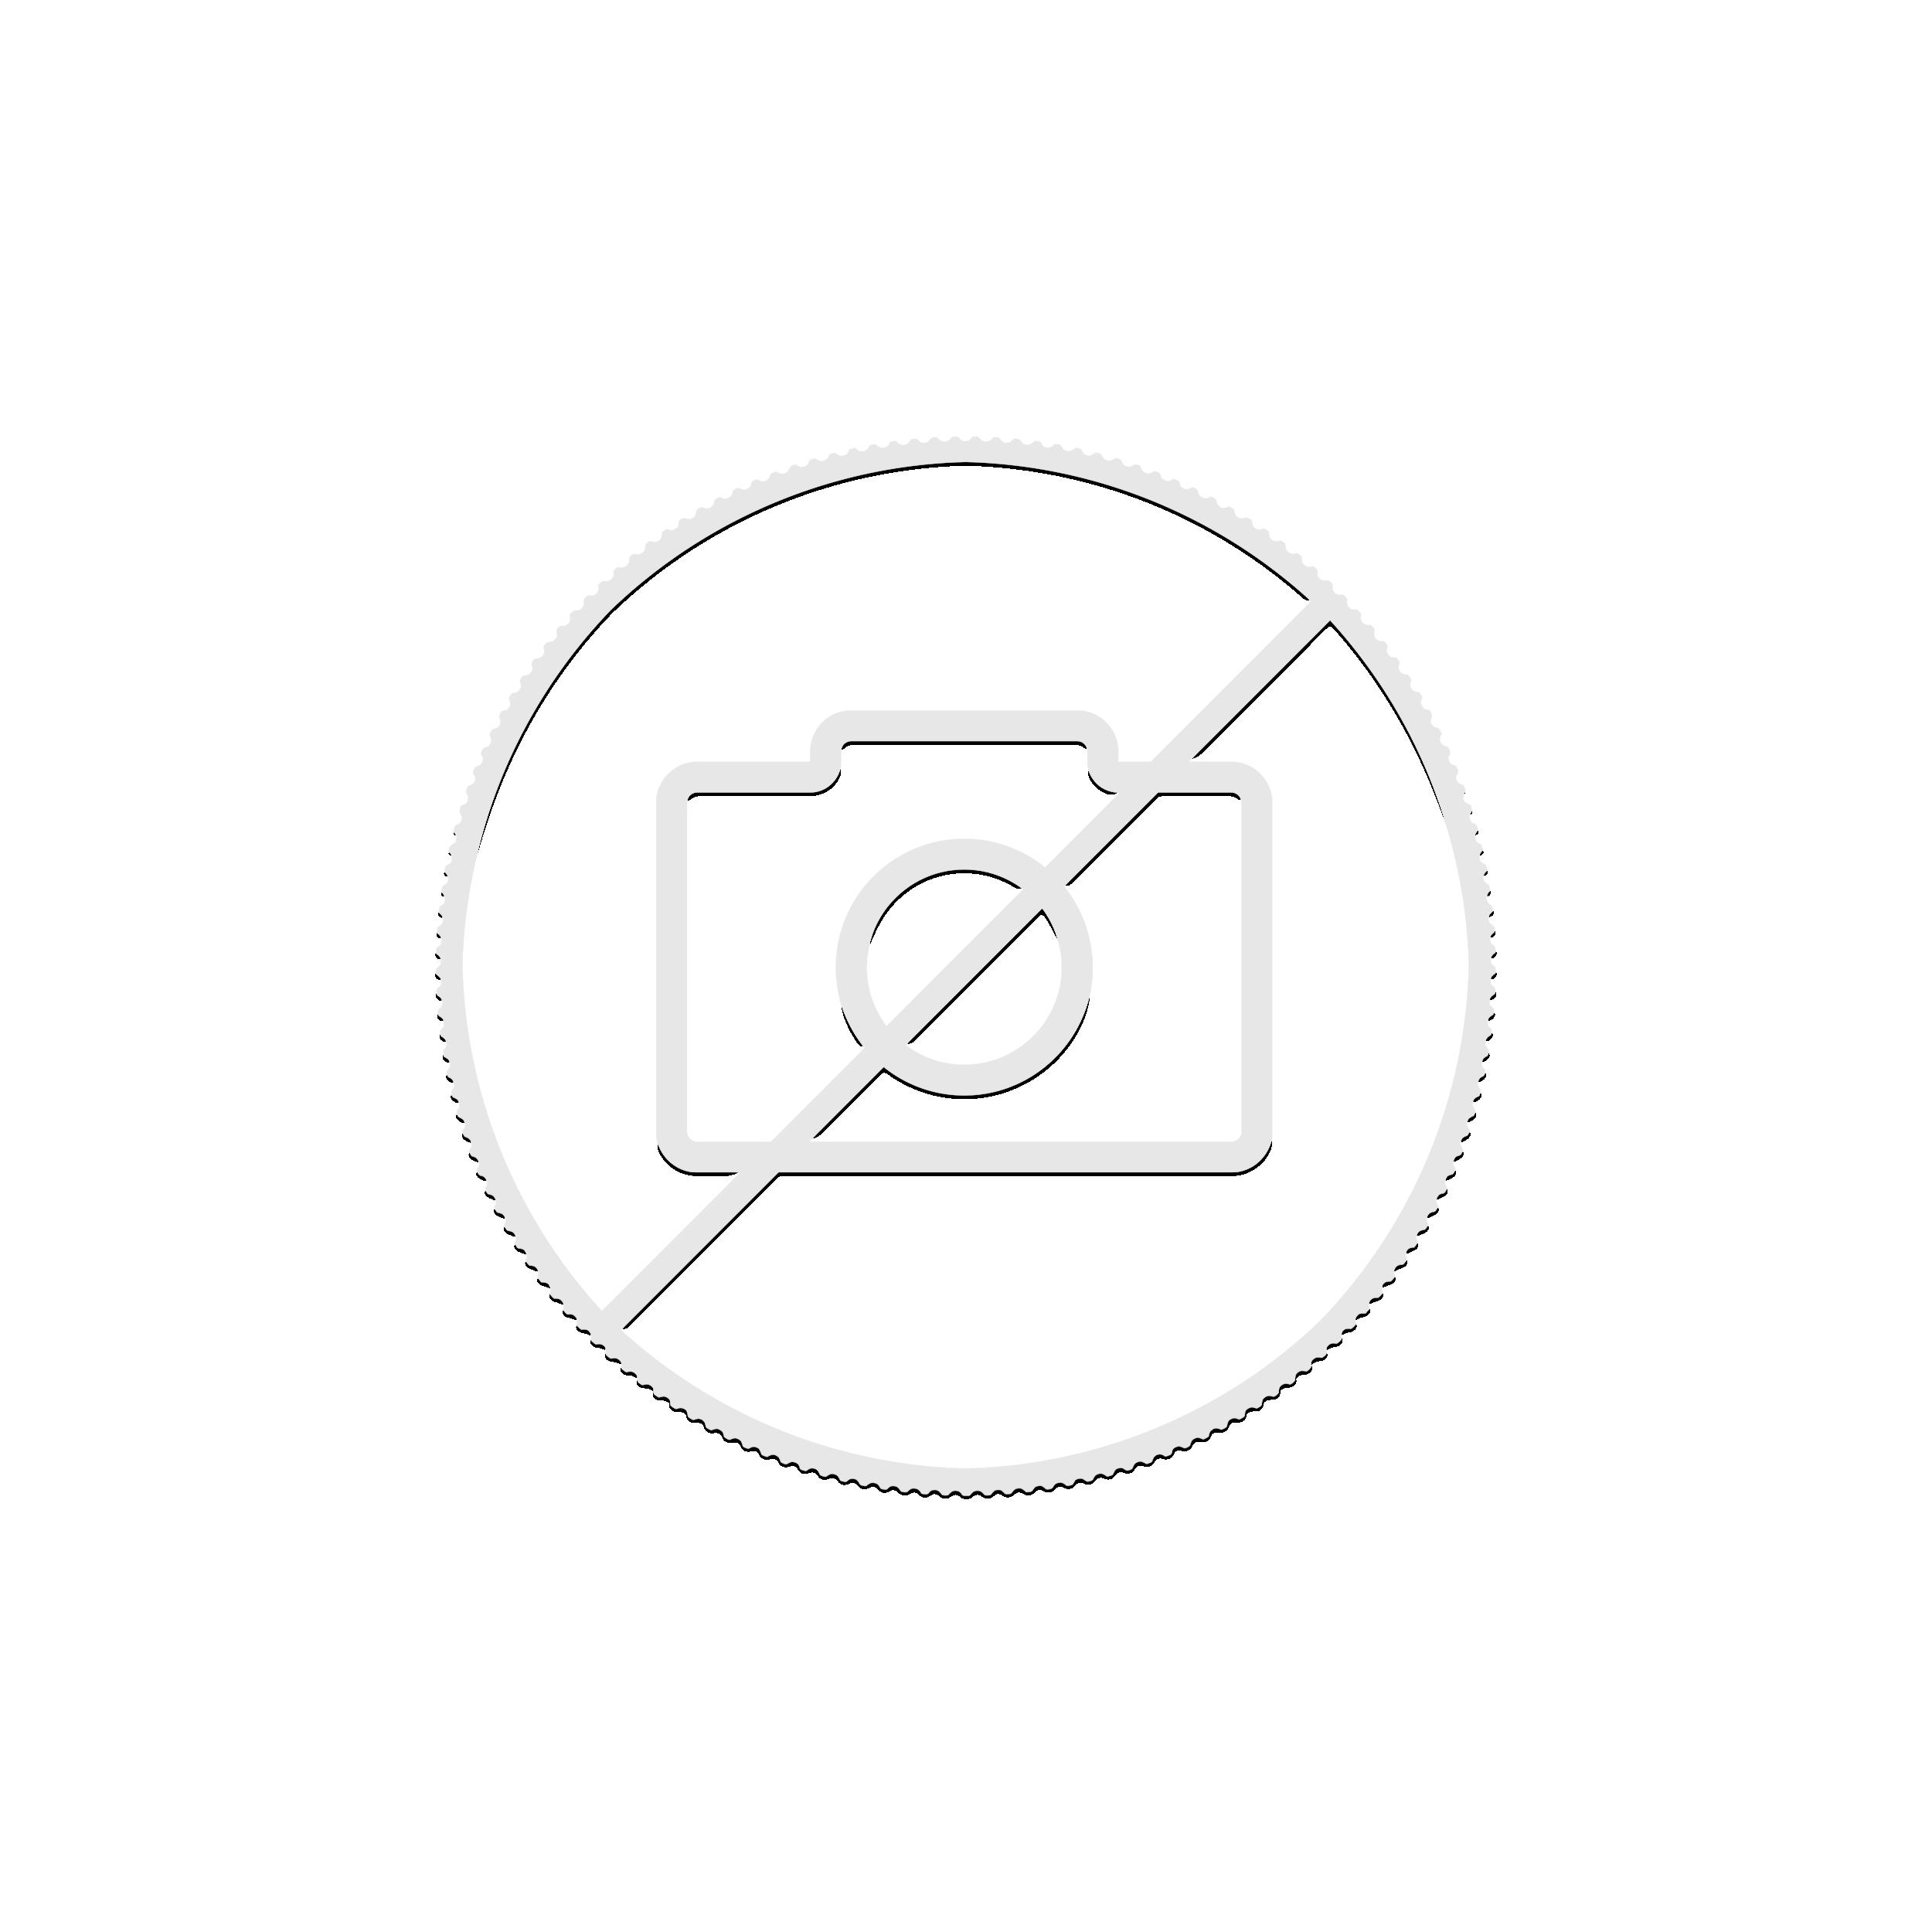 1 troy ounce zilveren munt Harry Potter - Albus Bumbledore 2020 proof